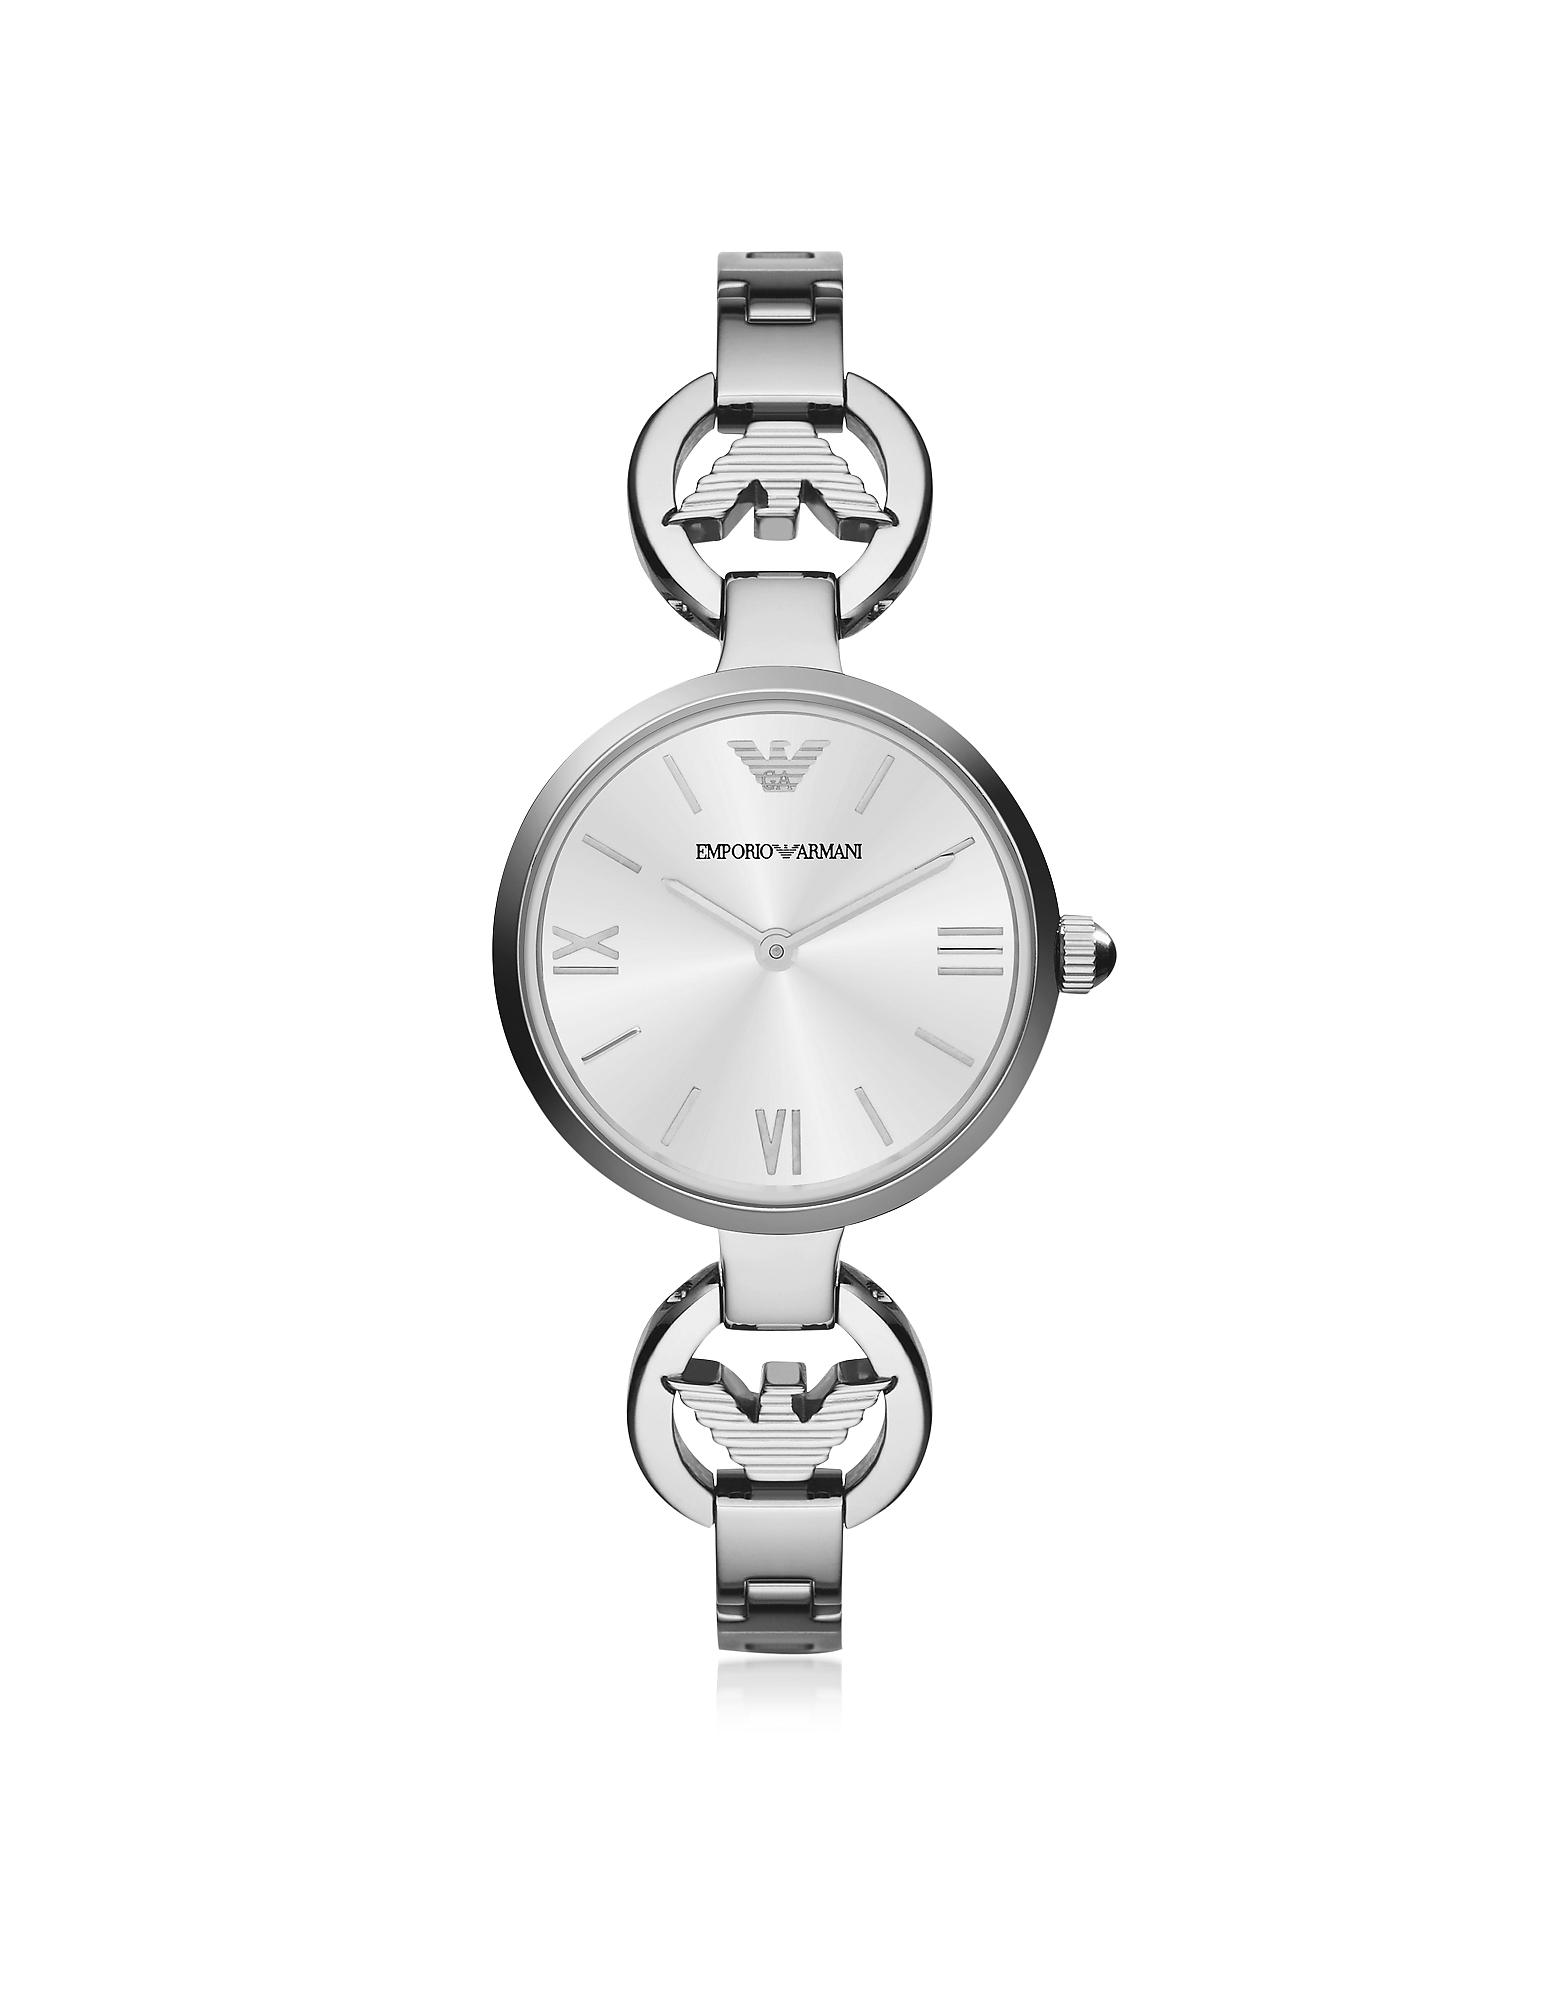 Женские Часы из Нержавеющей Стали с Белым Перламутровым Циферблатом и Логотипом